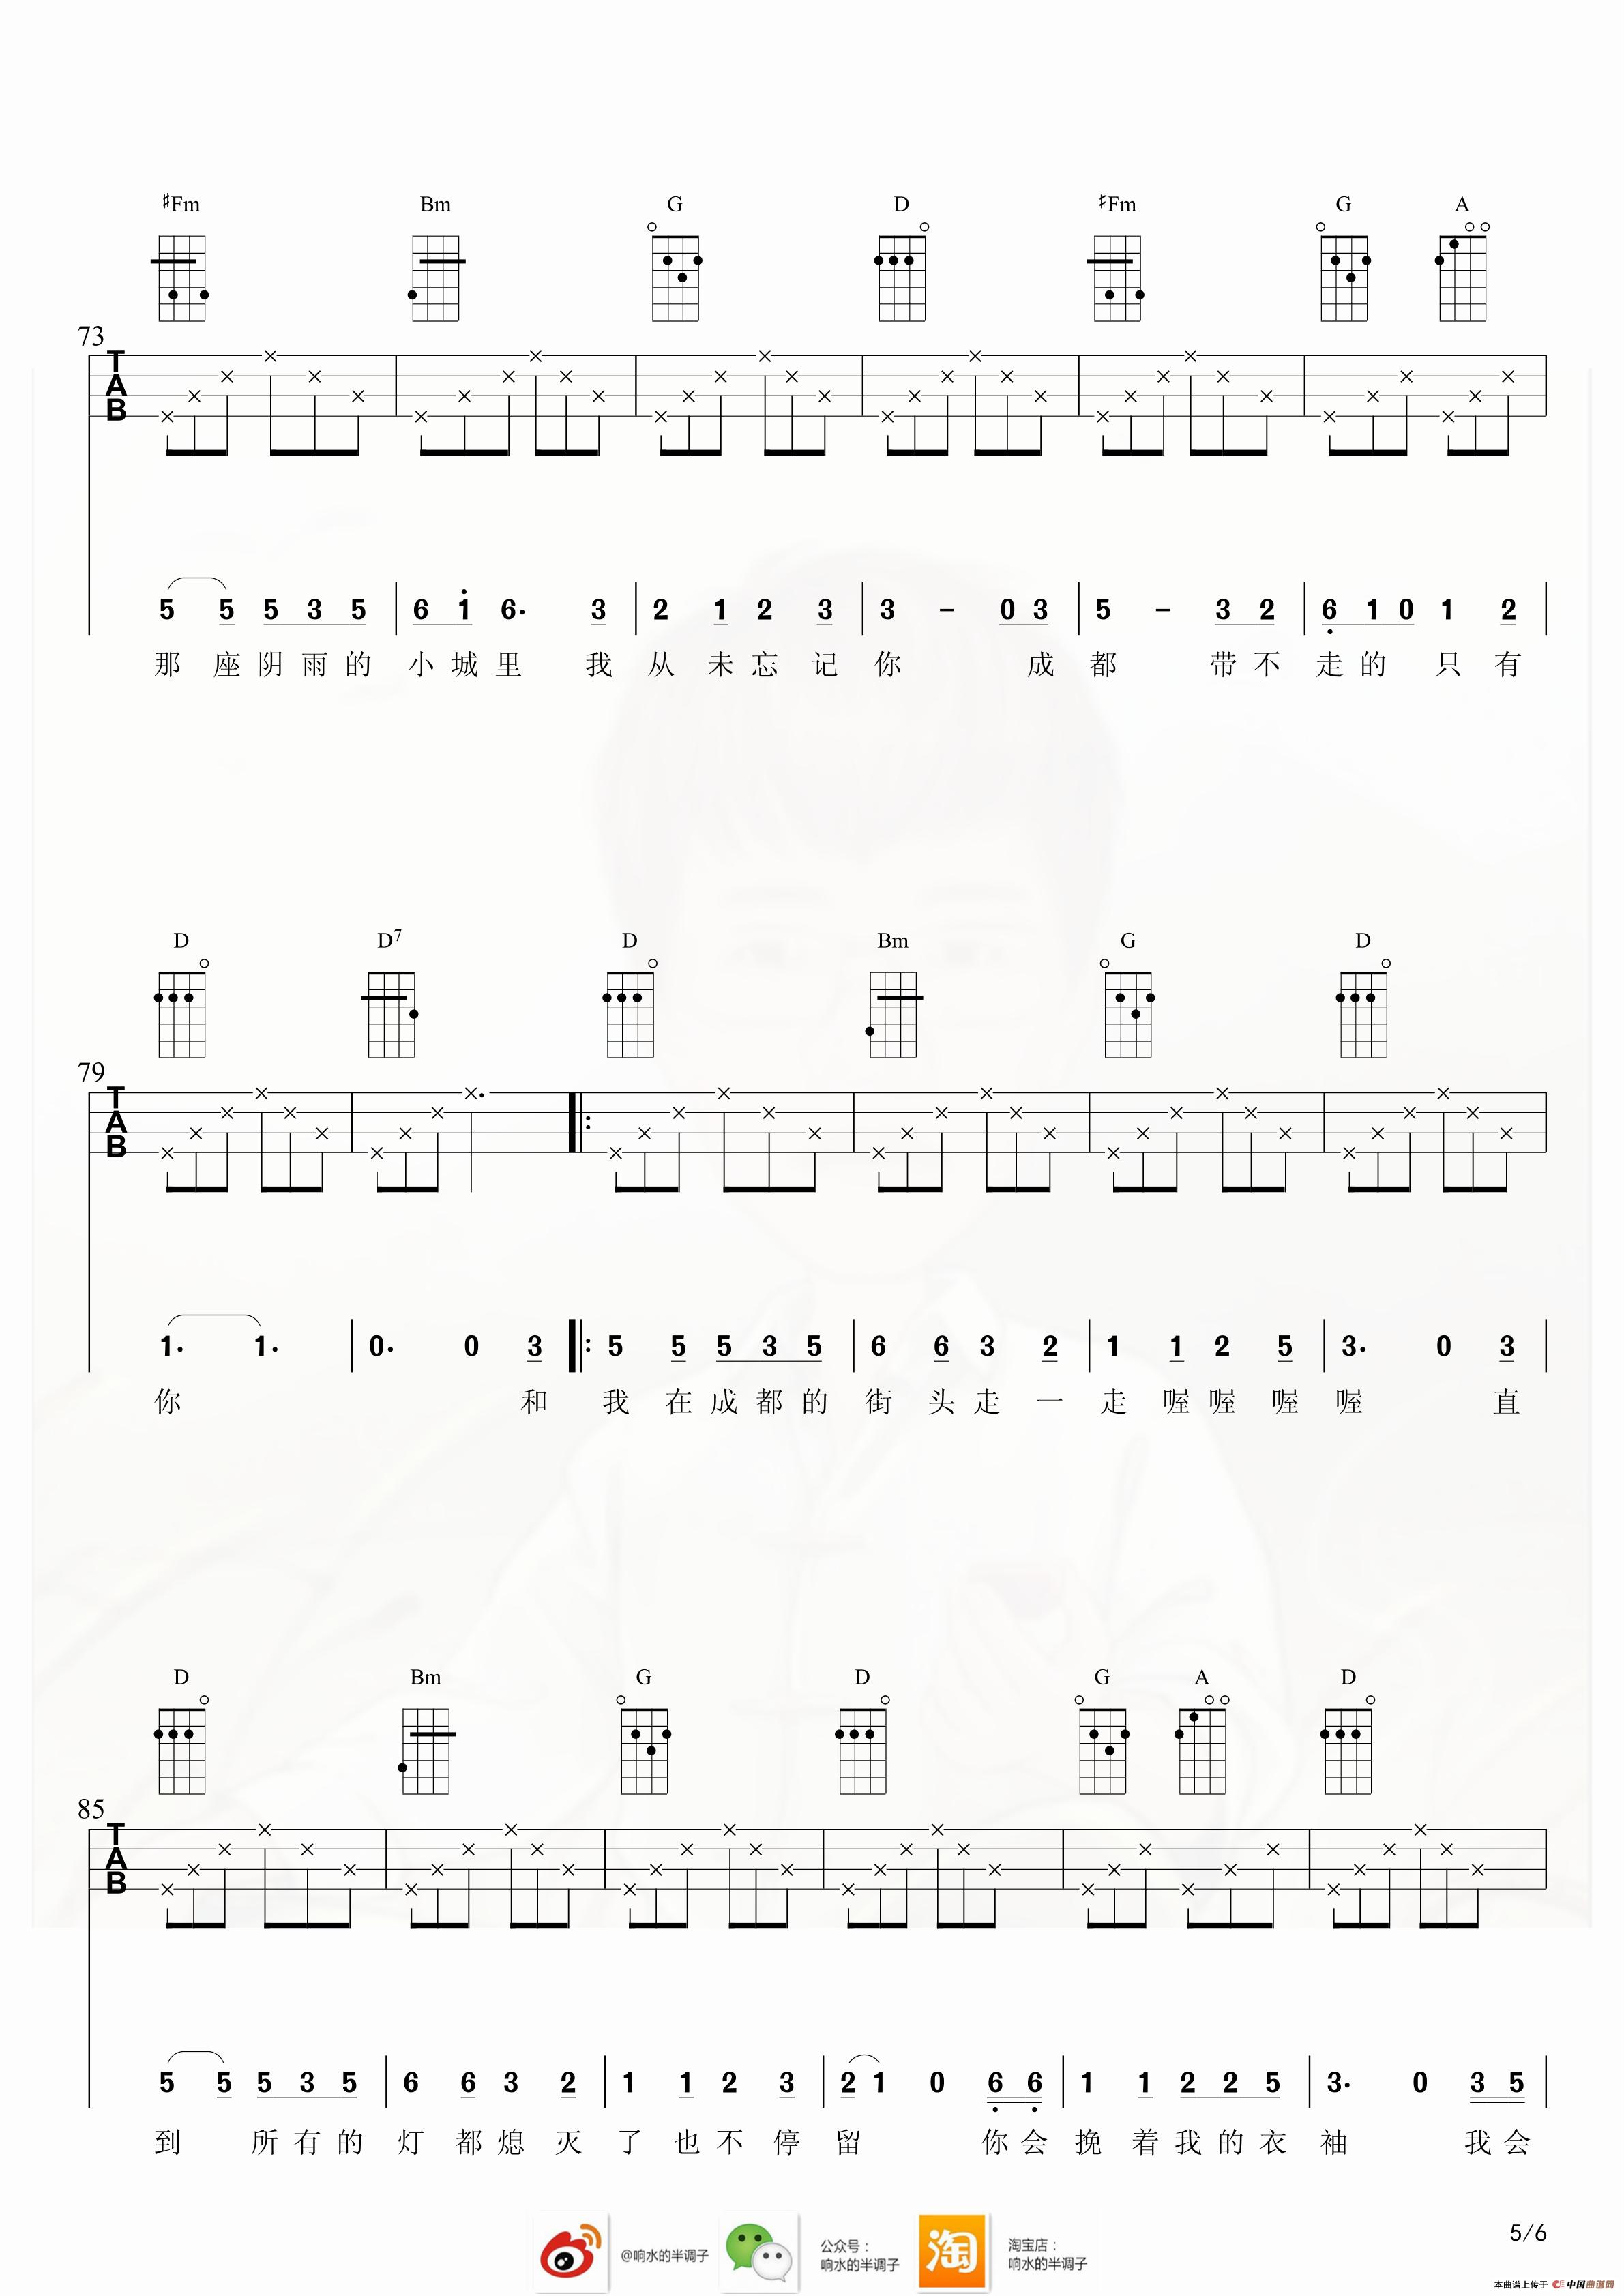 成都简谱 尤克里里弹唱谱 响水的半调子个人制谱园地 中国曲谱网